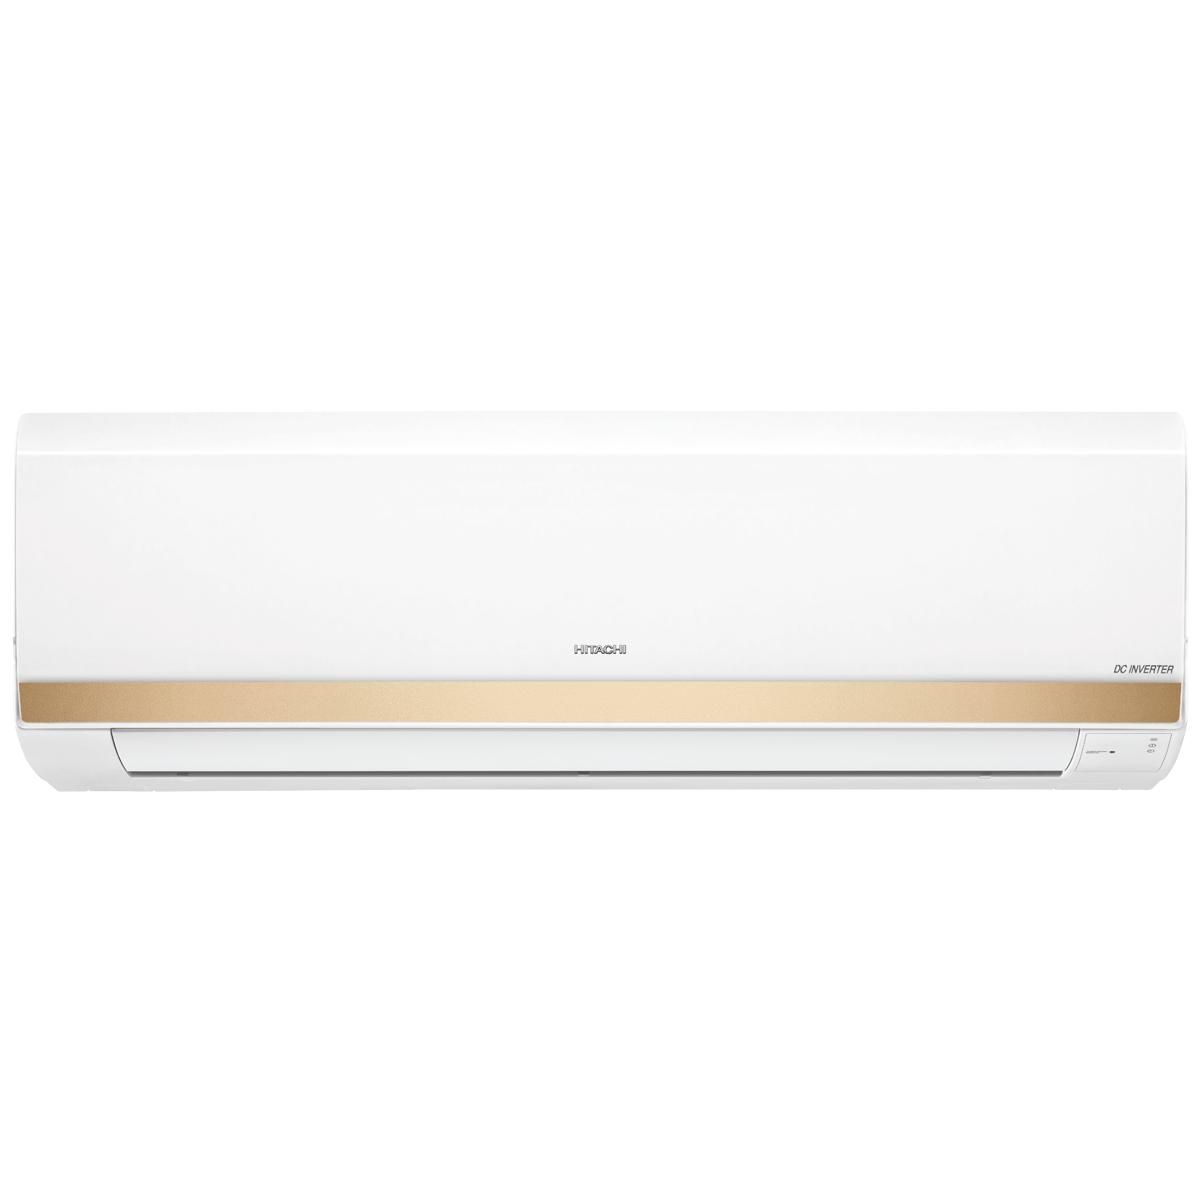 Hitachi Kashikoi 5100X 1.5 Ton 5 Star Inverter Split AC (Hot & Cold, Copper Condenser, RSOG517HDXA, White)_1